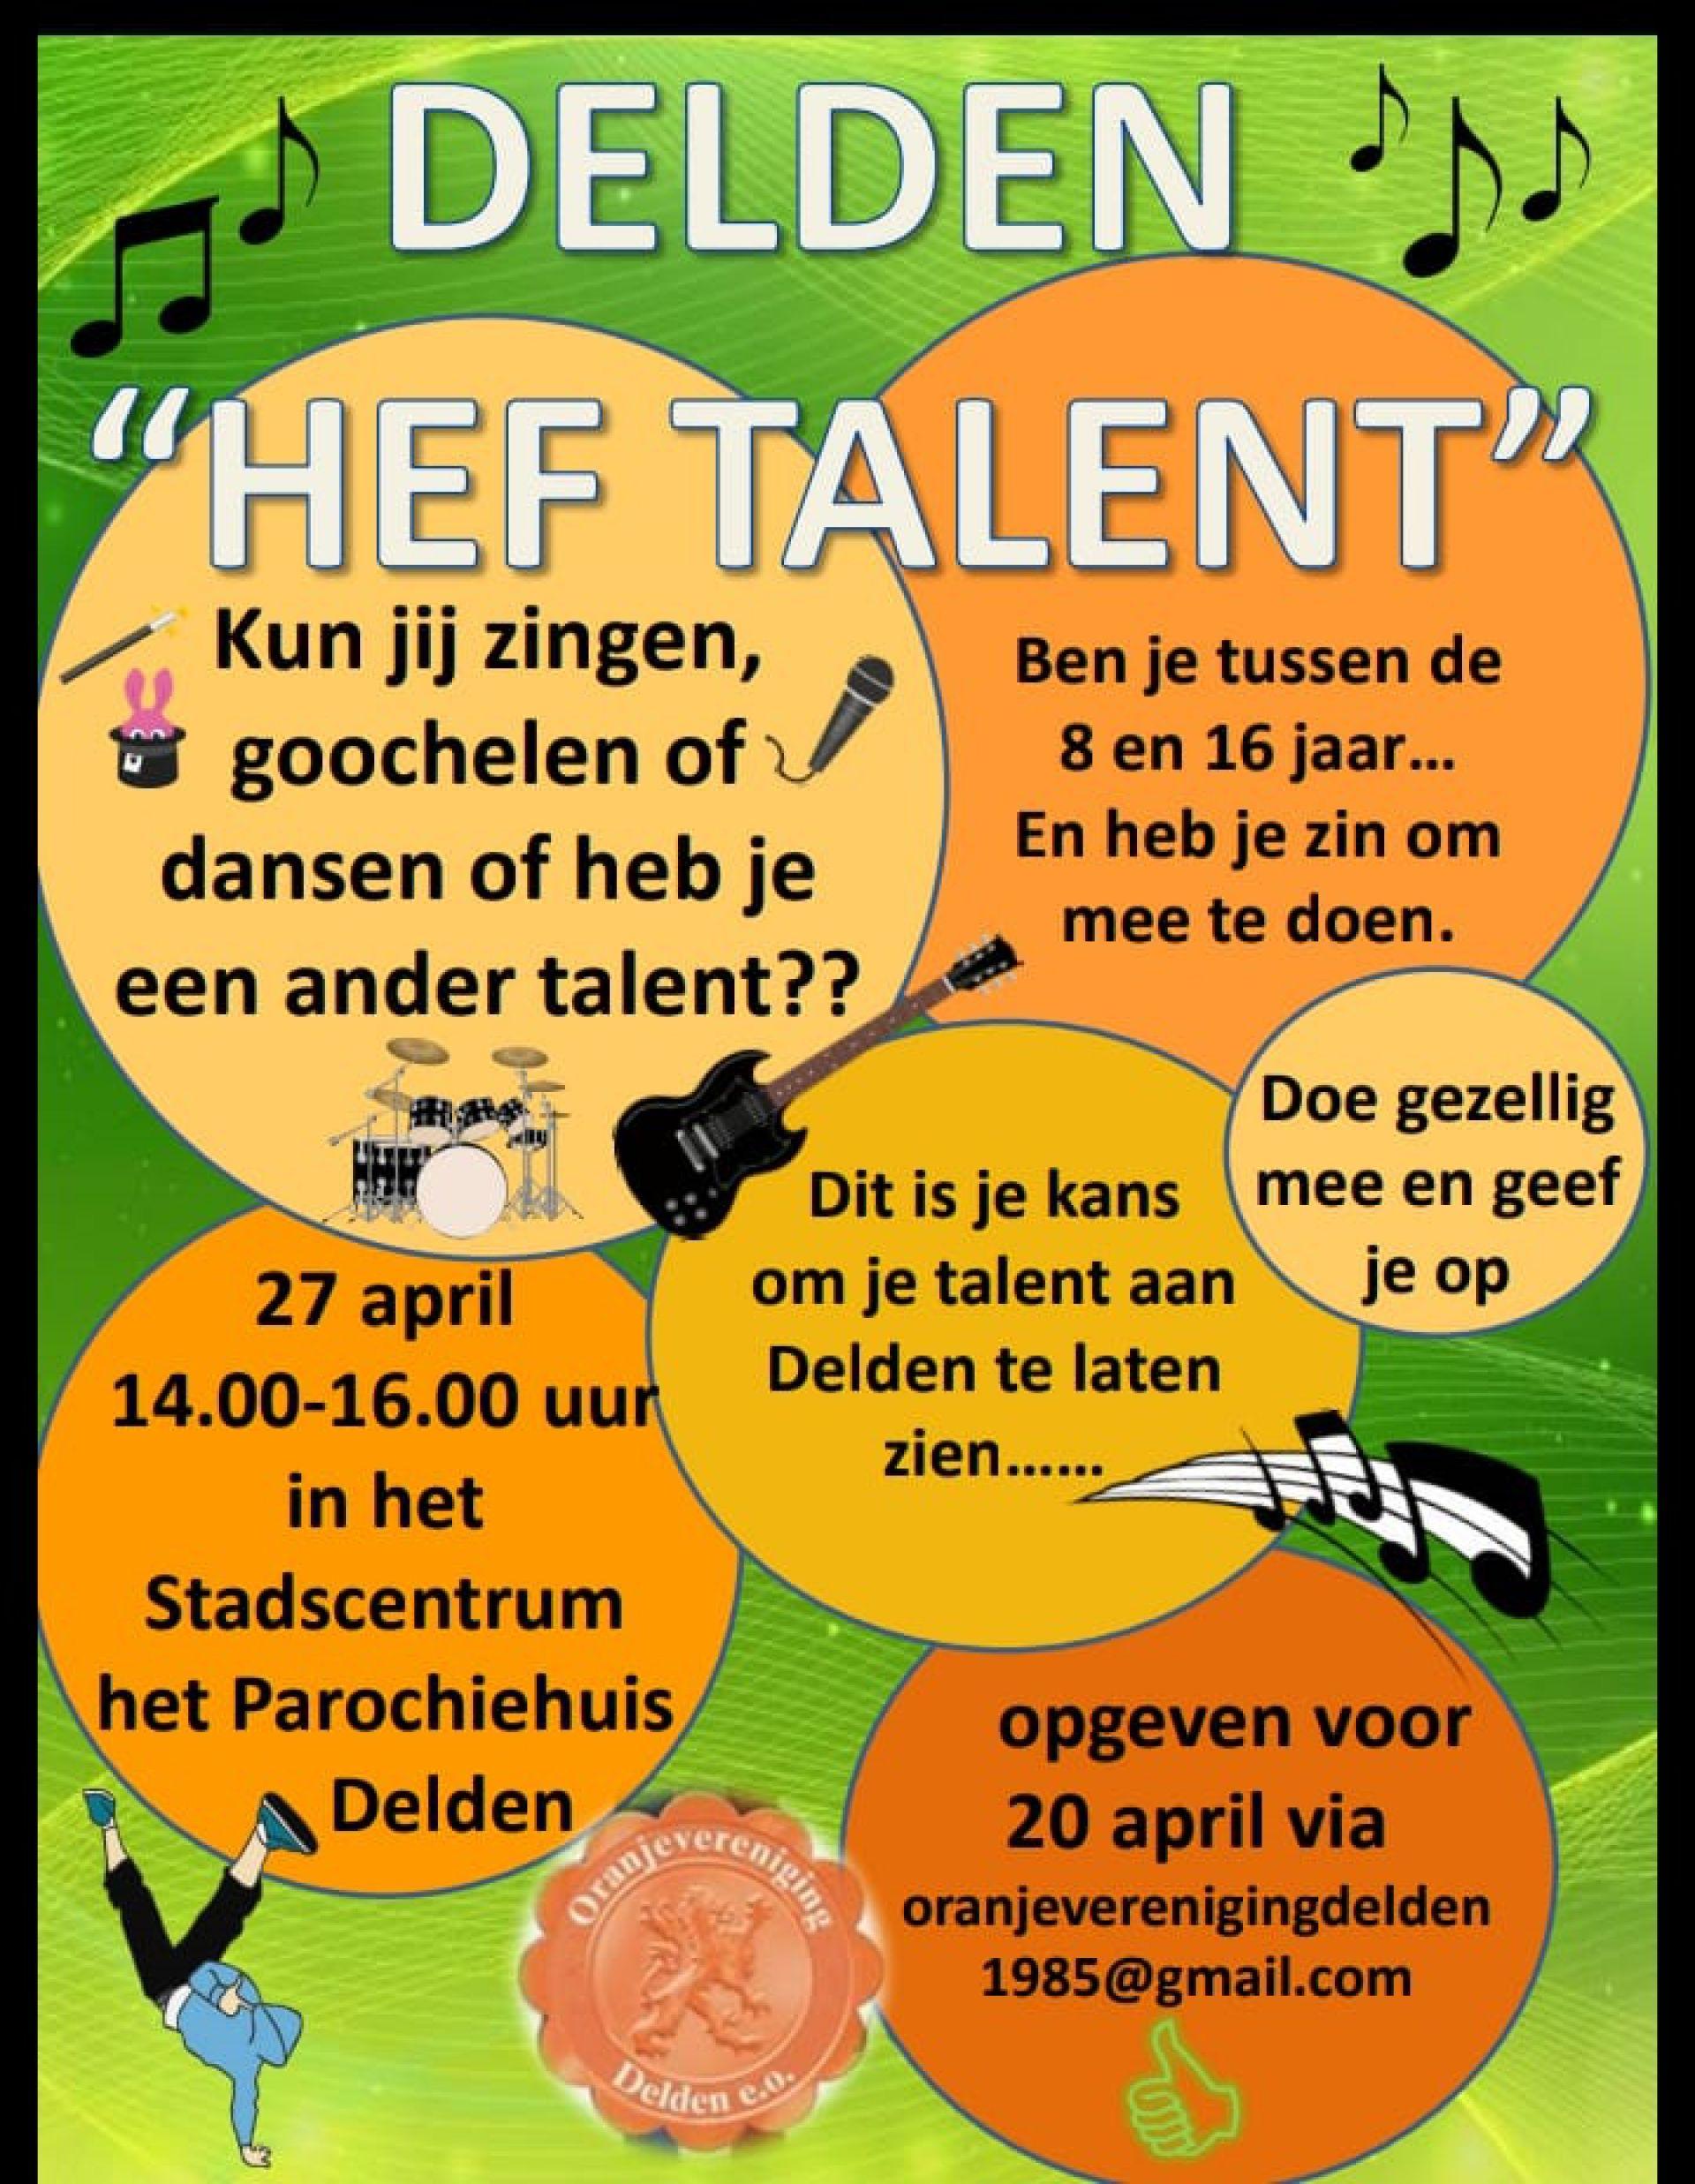 'Delden hef talent' op Koningsdag